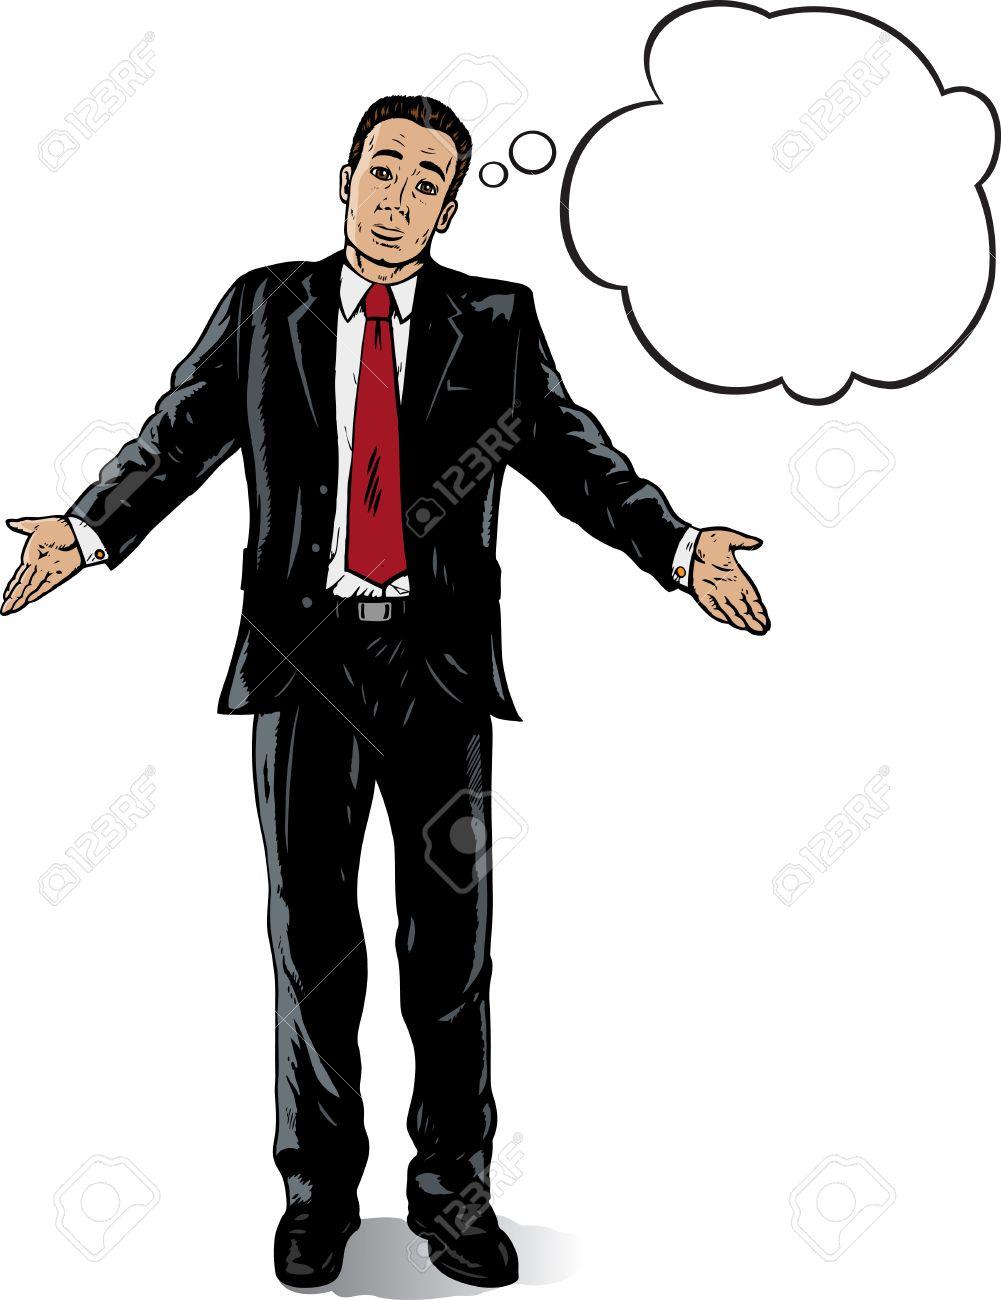 当惑のビジネスの男性のイラスト素材・ベクタ - Image 6944679.